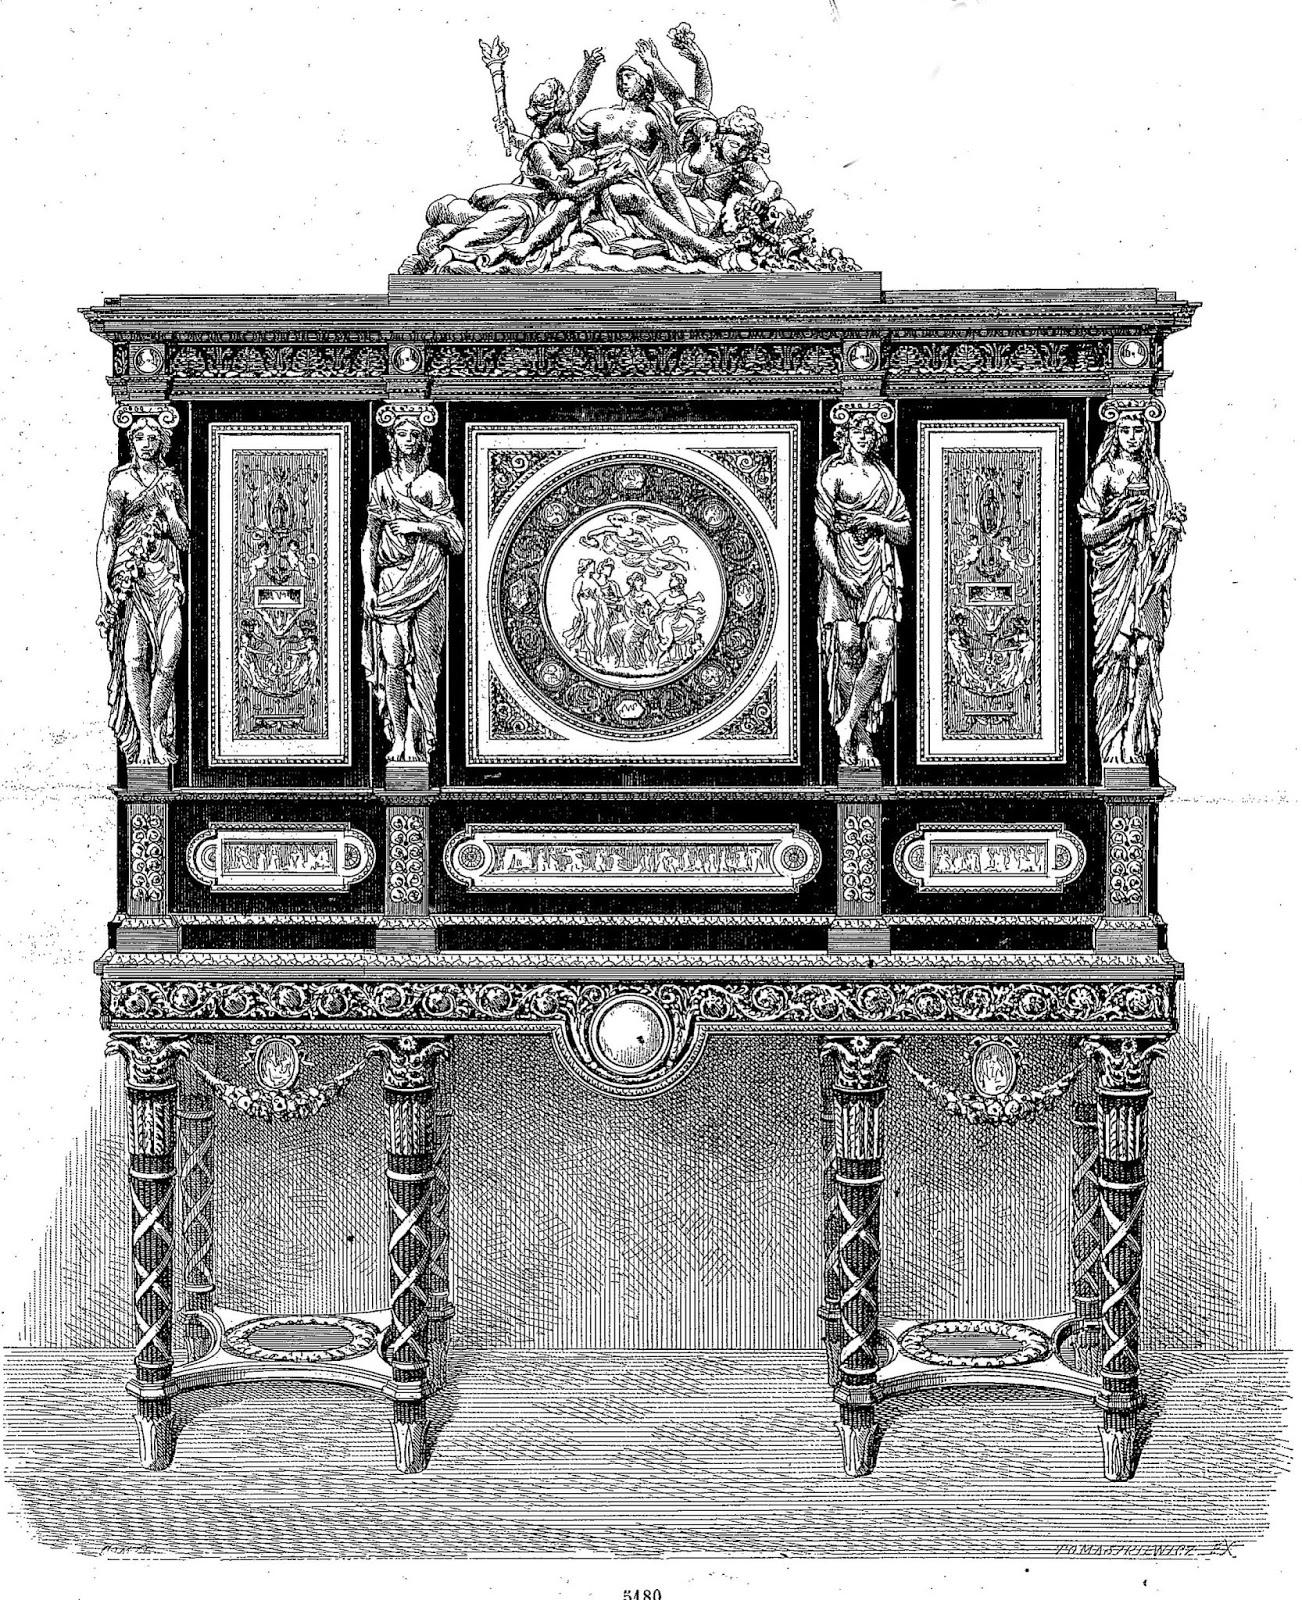 Bijoux et pierres precieuses les bijoux de marie - Garde meuble varennes vauzelles ...